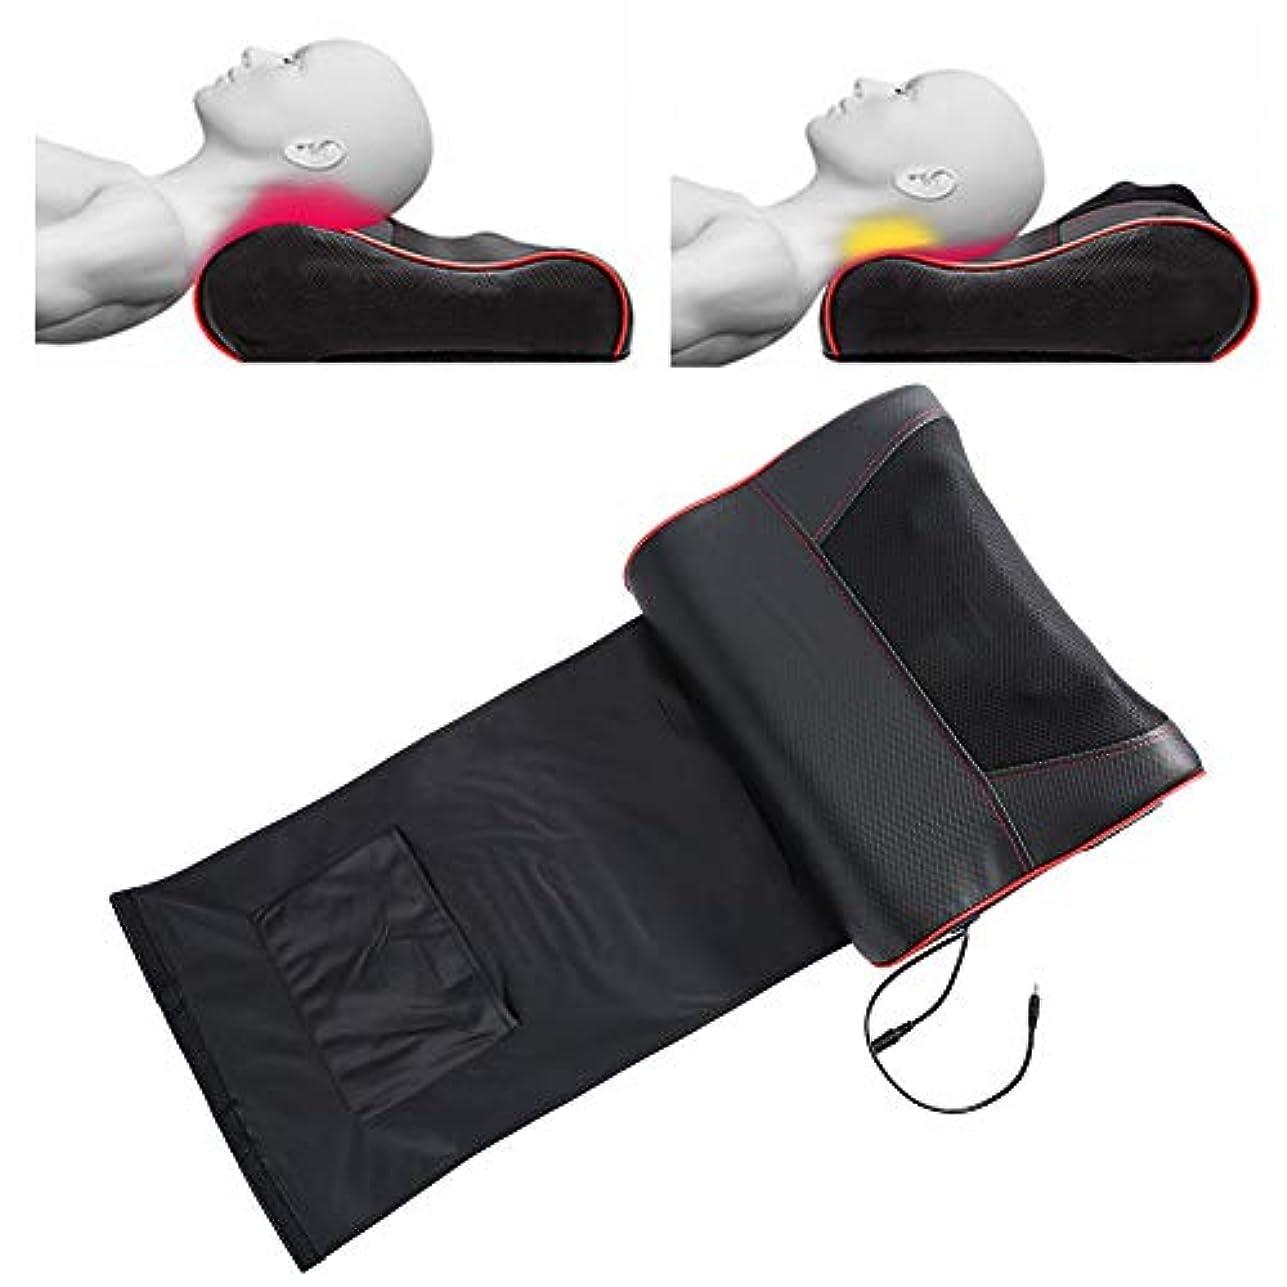 中間ポットマート頸部マッサージ枕、多機能マッサージ枕、灸ホットコンプレックスネックウエストショルダーマッサージ用全身筋肉痛(US-Plug)